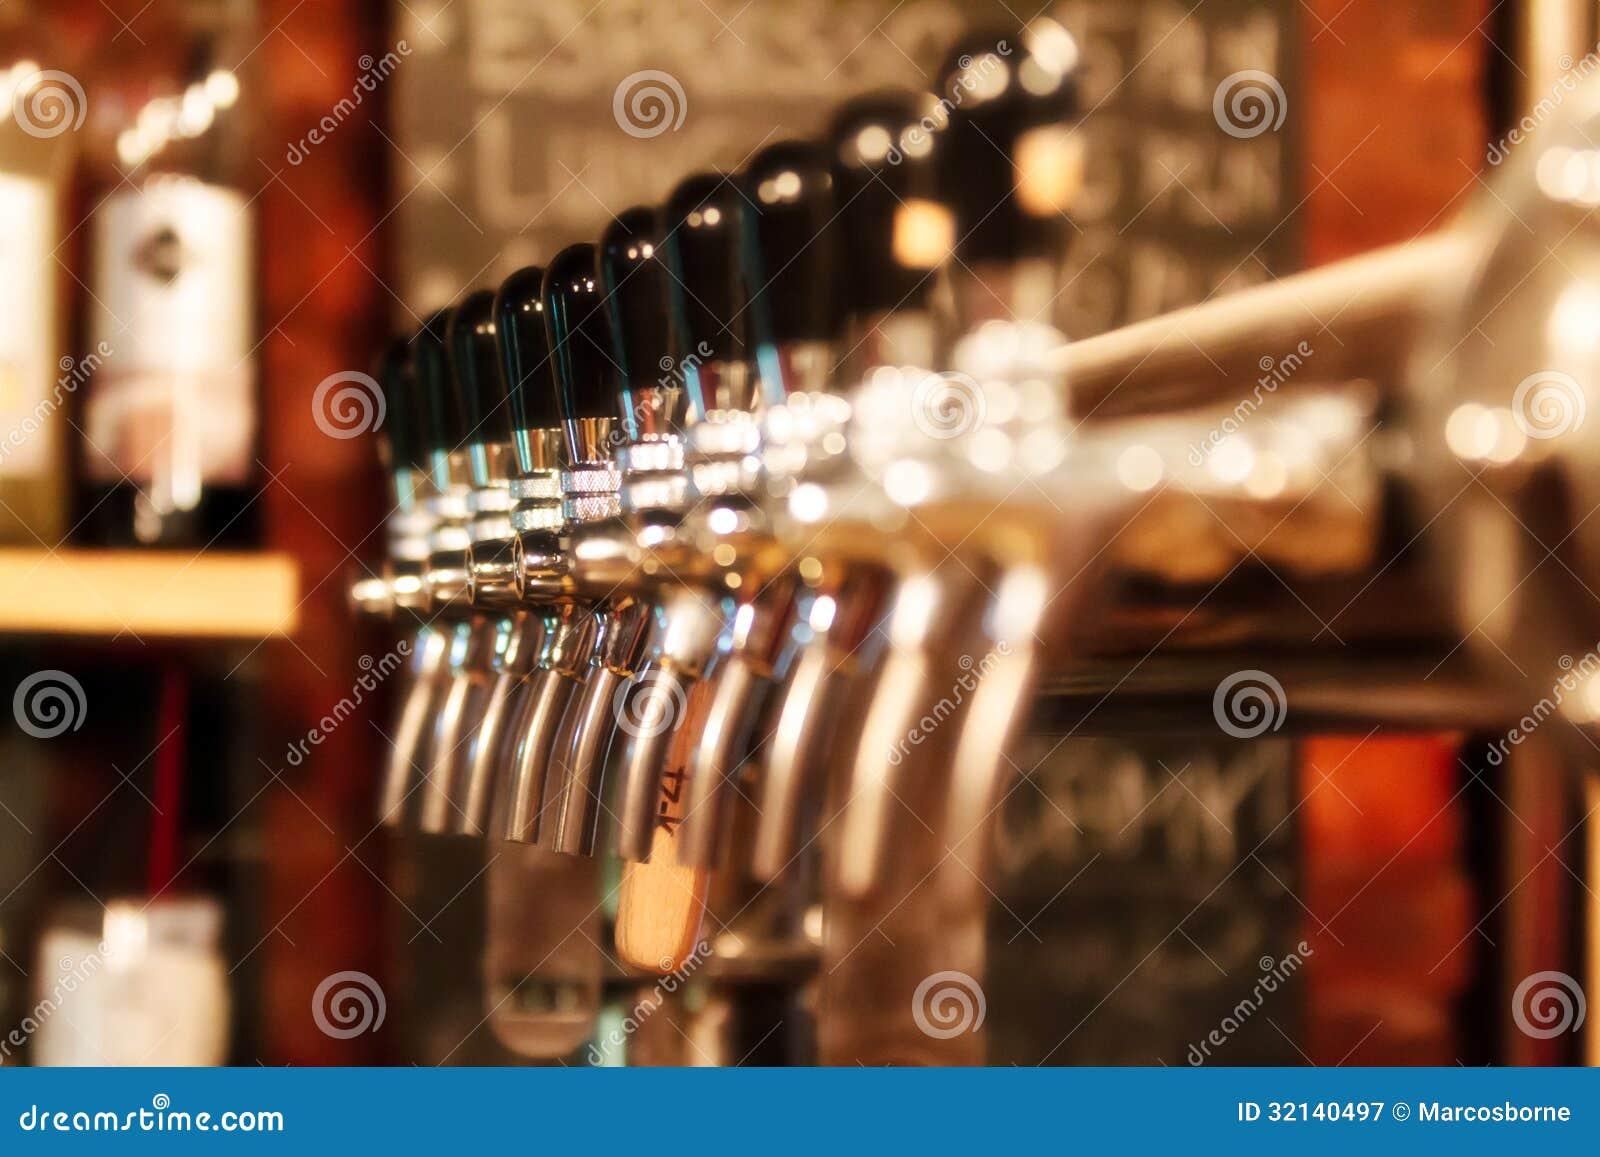 Bier-Pumpe stockbild. Bild von hahn, messing, getränk - 32140497